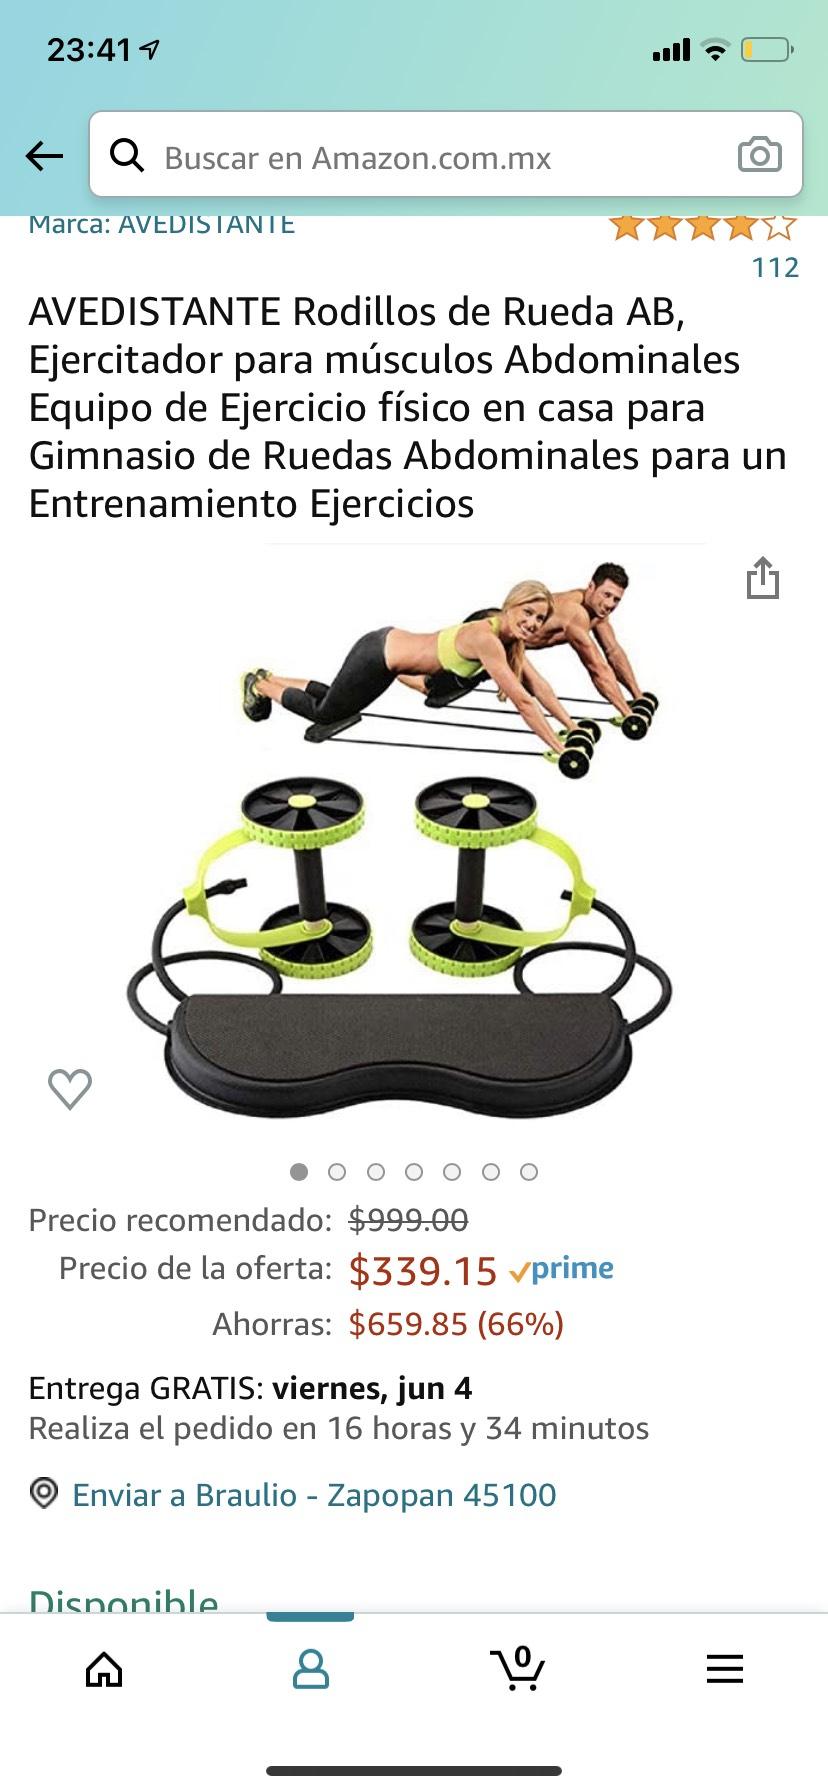 Amazon: Rodillos de Rueda AB, Ejercitador Gimnasio de Ruedas Abdominales para un Entrenamiento Ejercicios